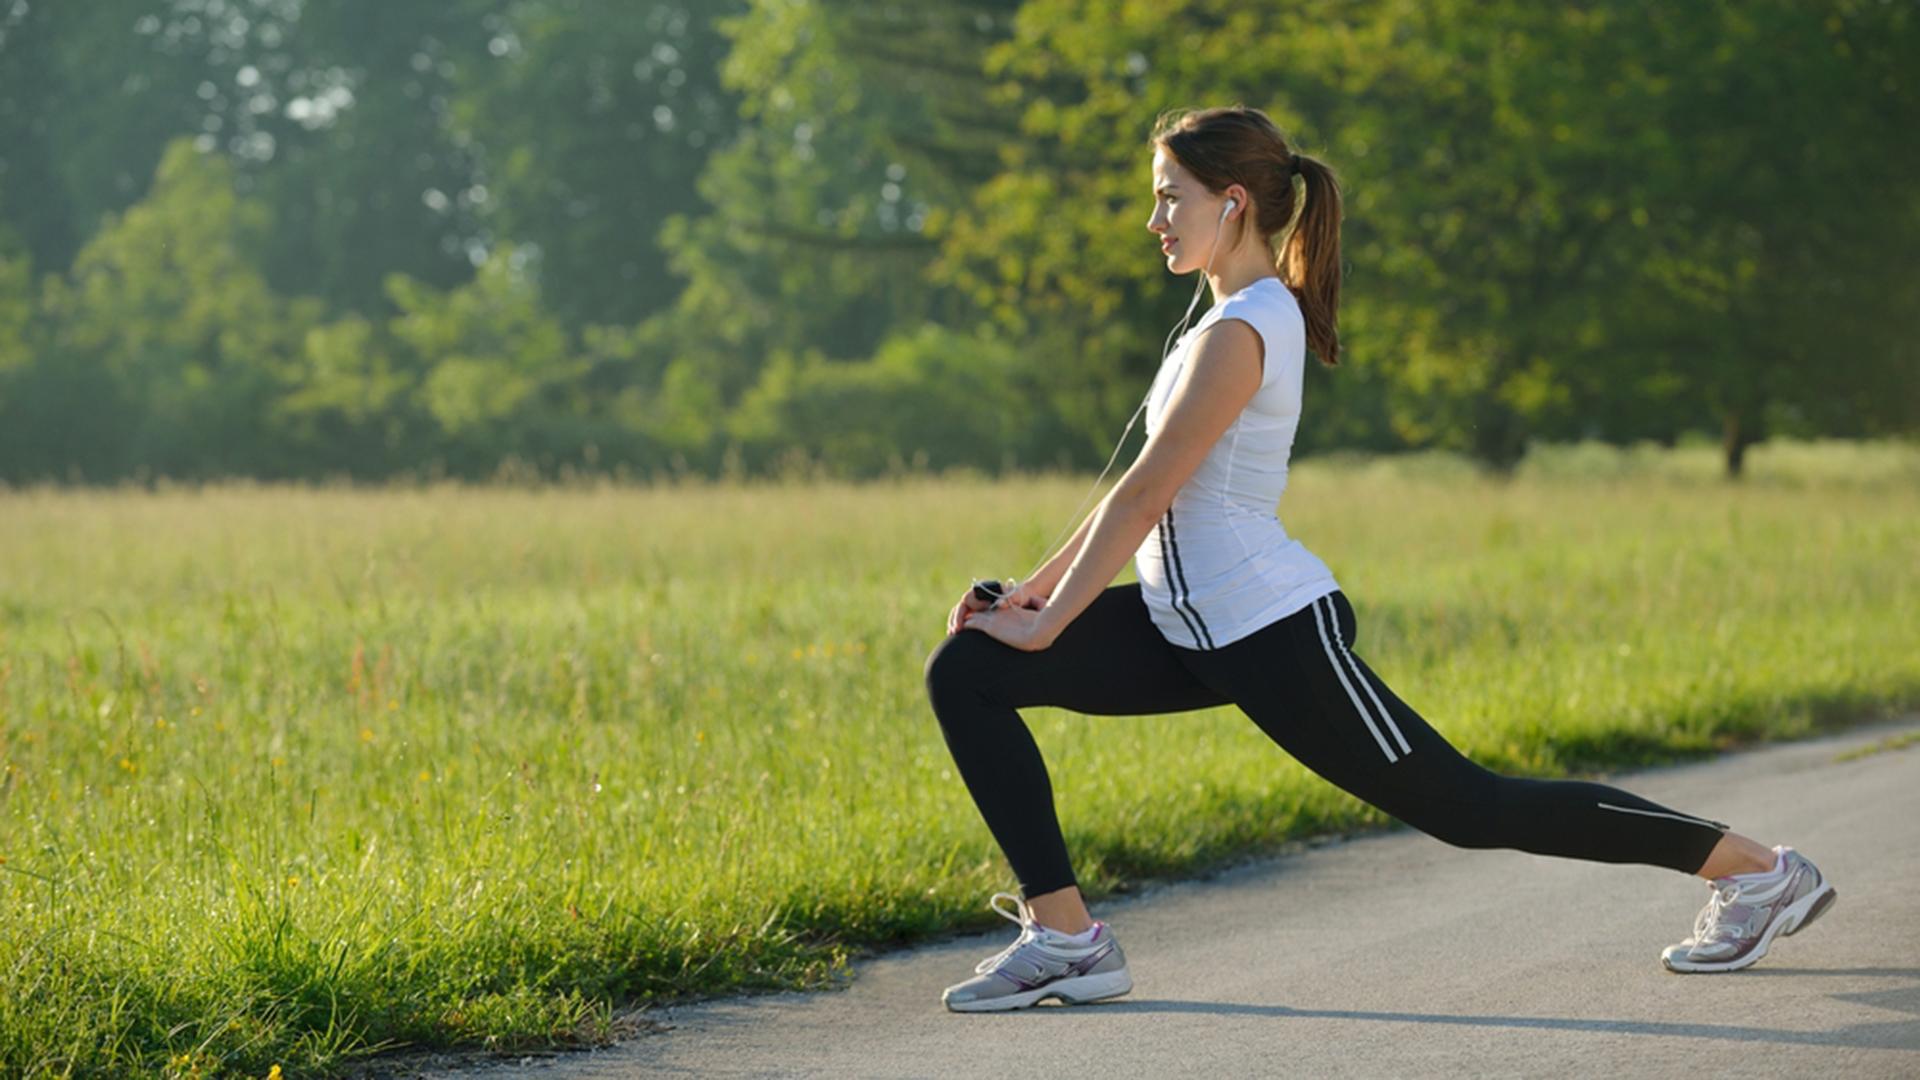 Cách giảm cân tại nhà không dùng thuốc nhờ tập thể dục